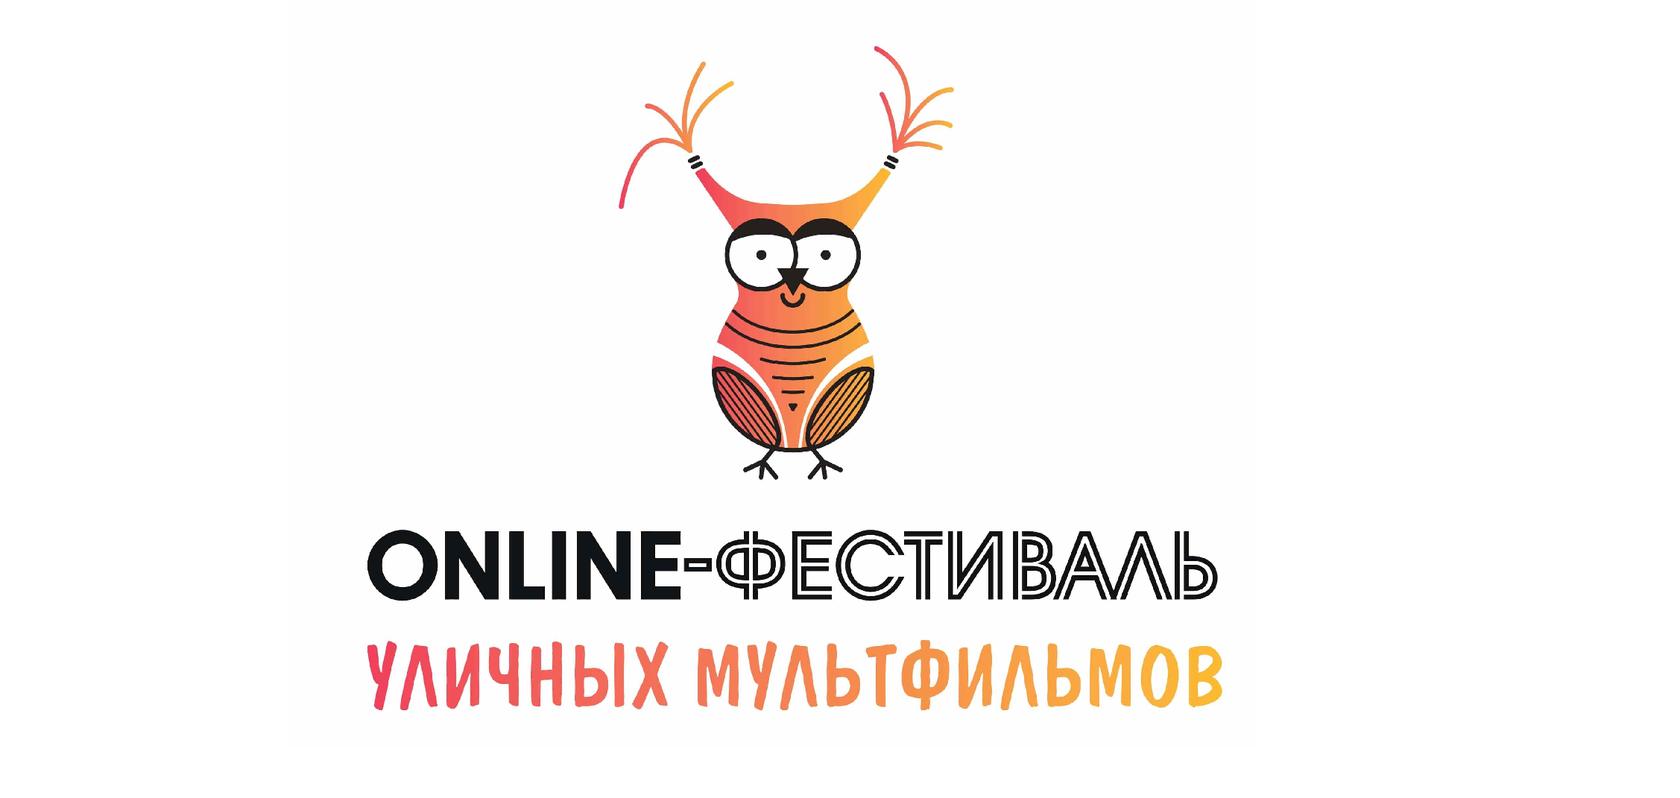 Петровские школьники могут поучаствовать в конкурсе мультфильмов